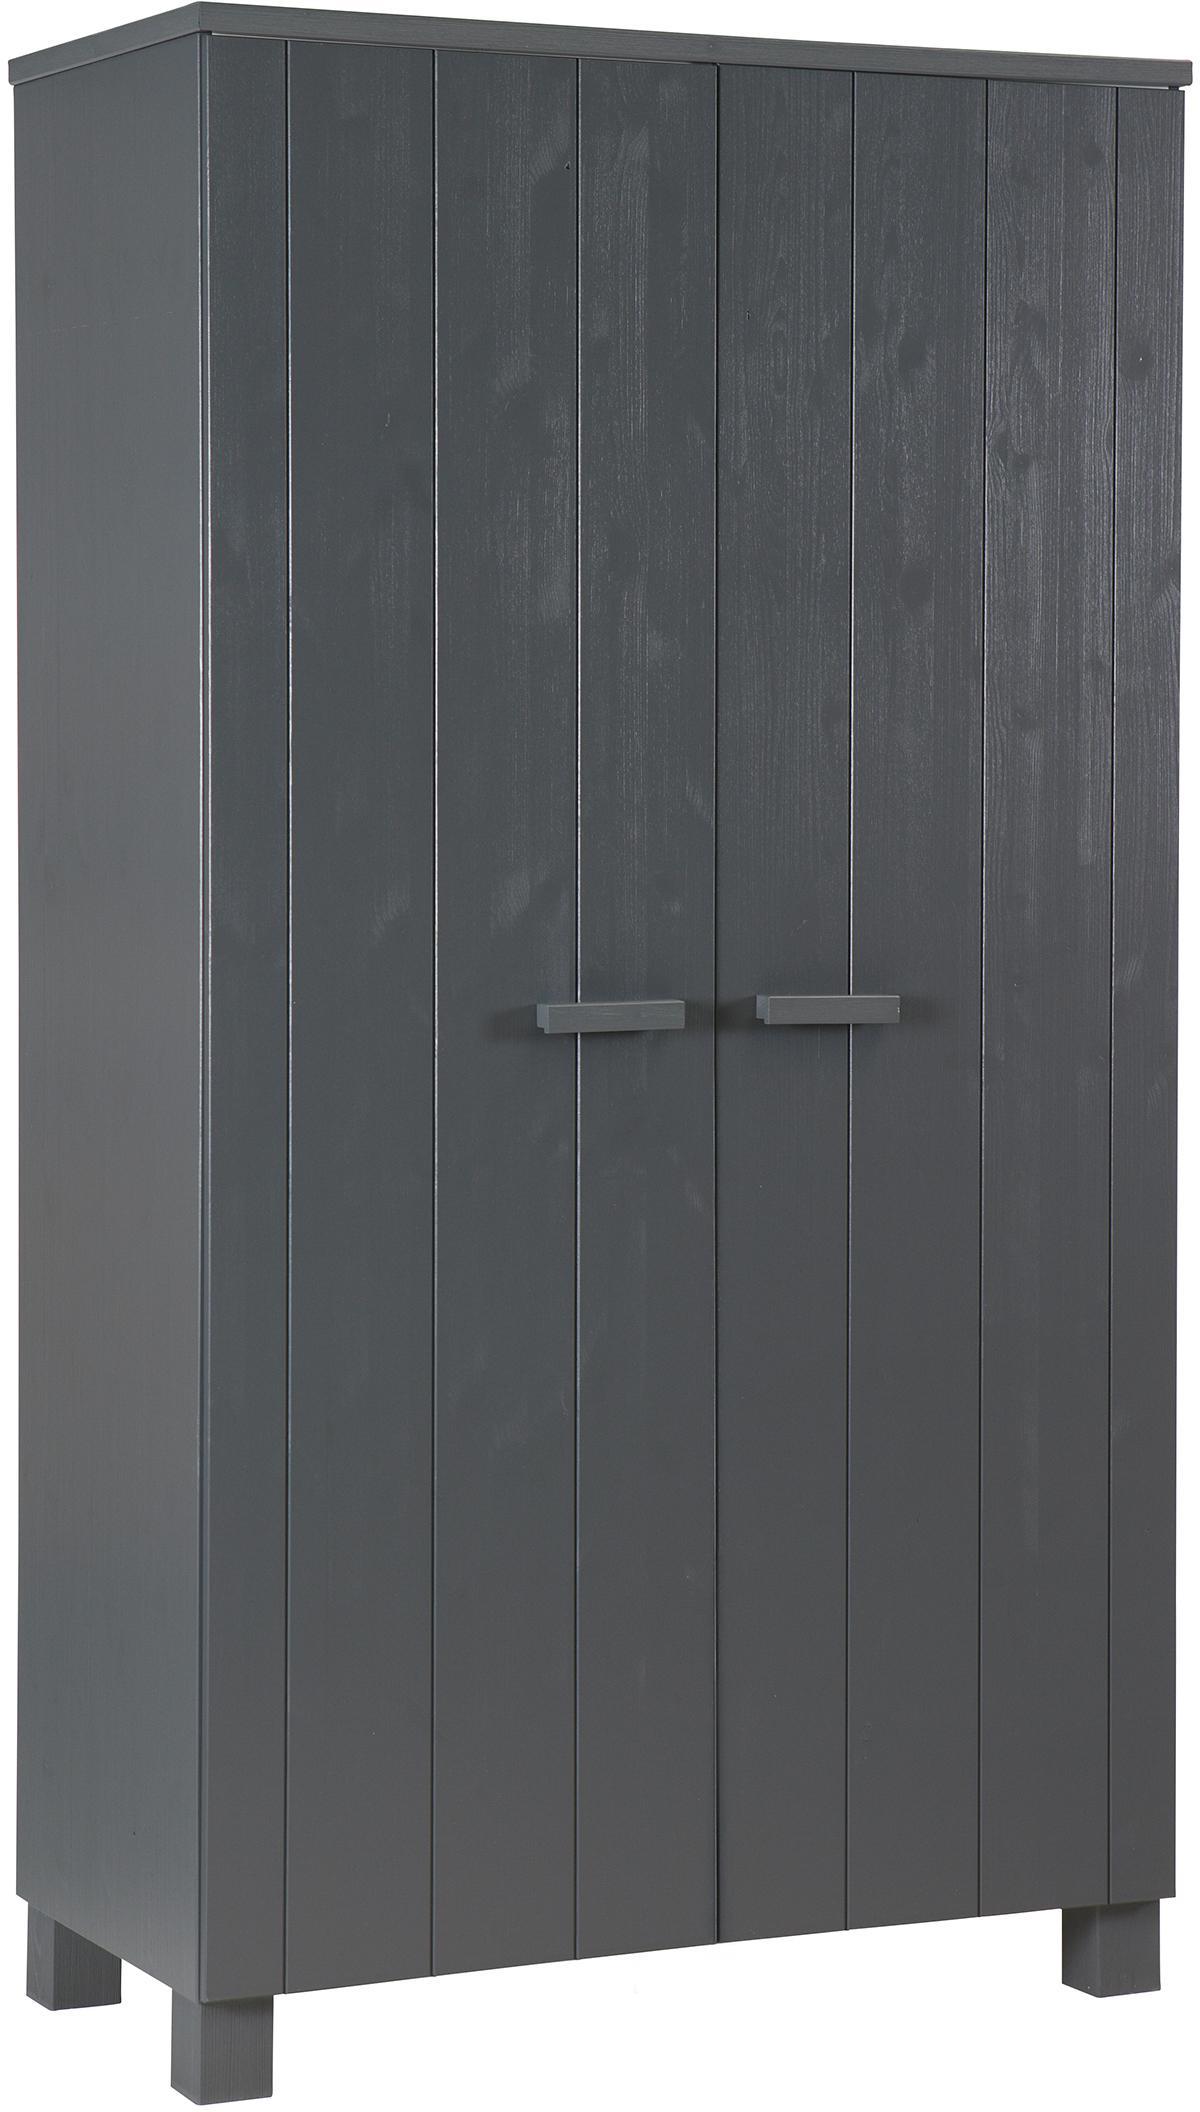 Armadio Dennis, Grigio acciaio, Larg. 111 x Alt. 202 cm